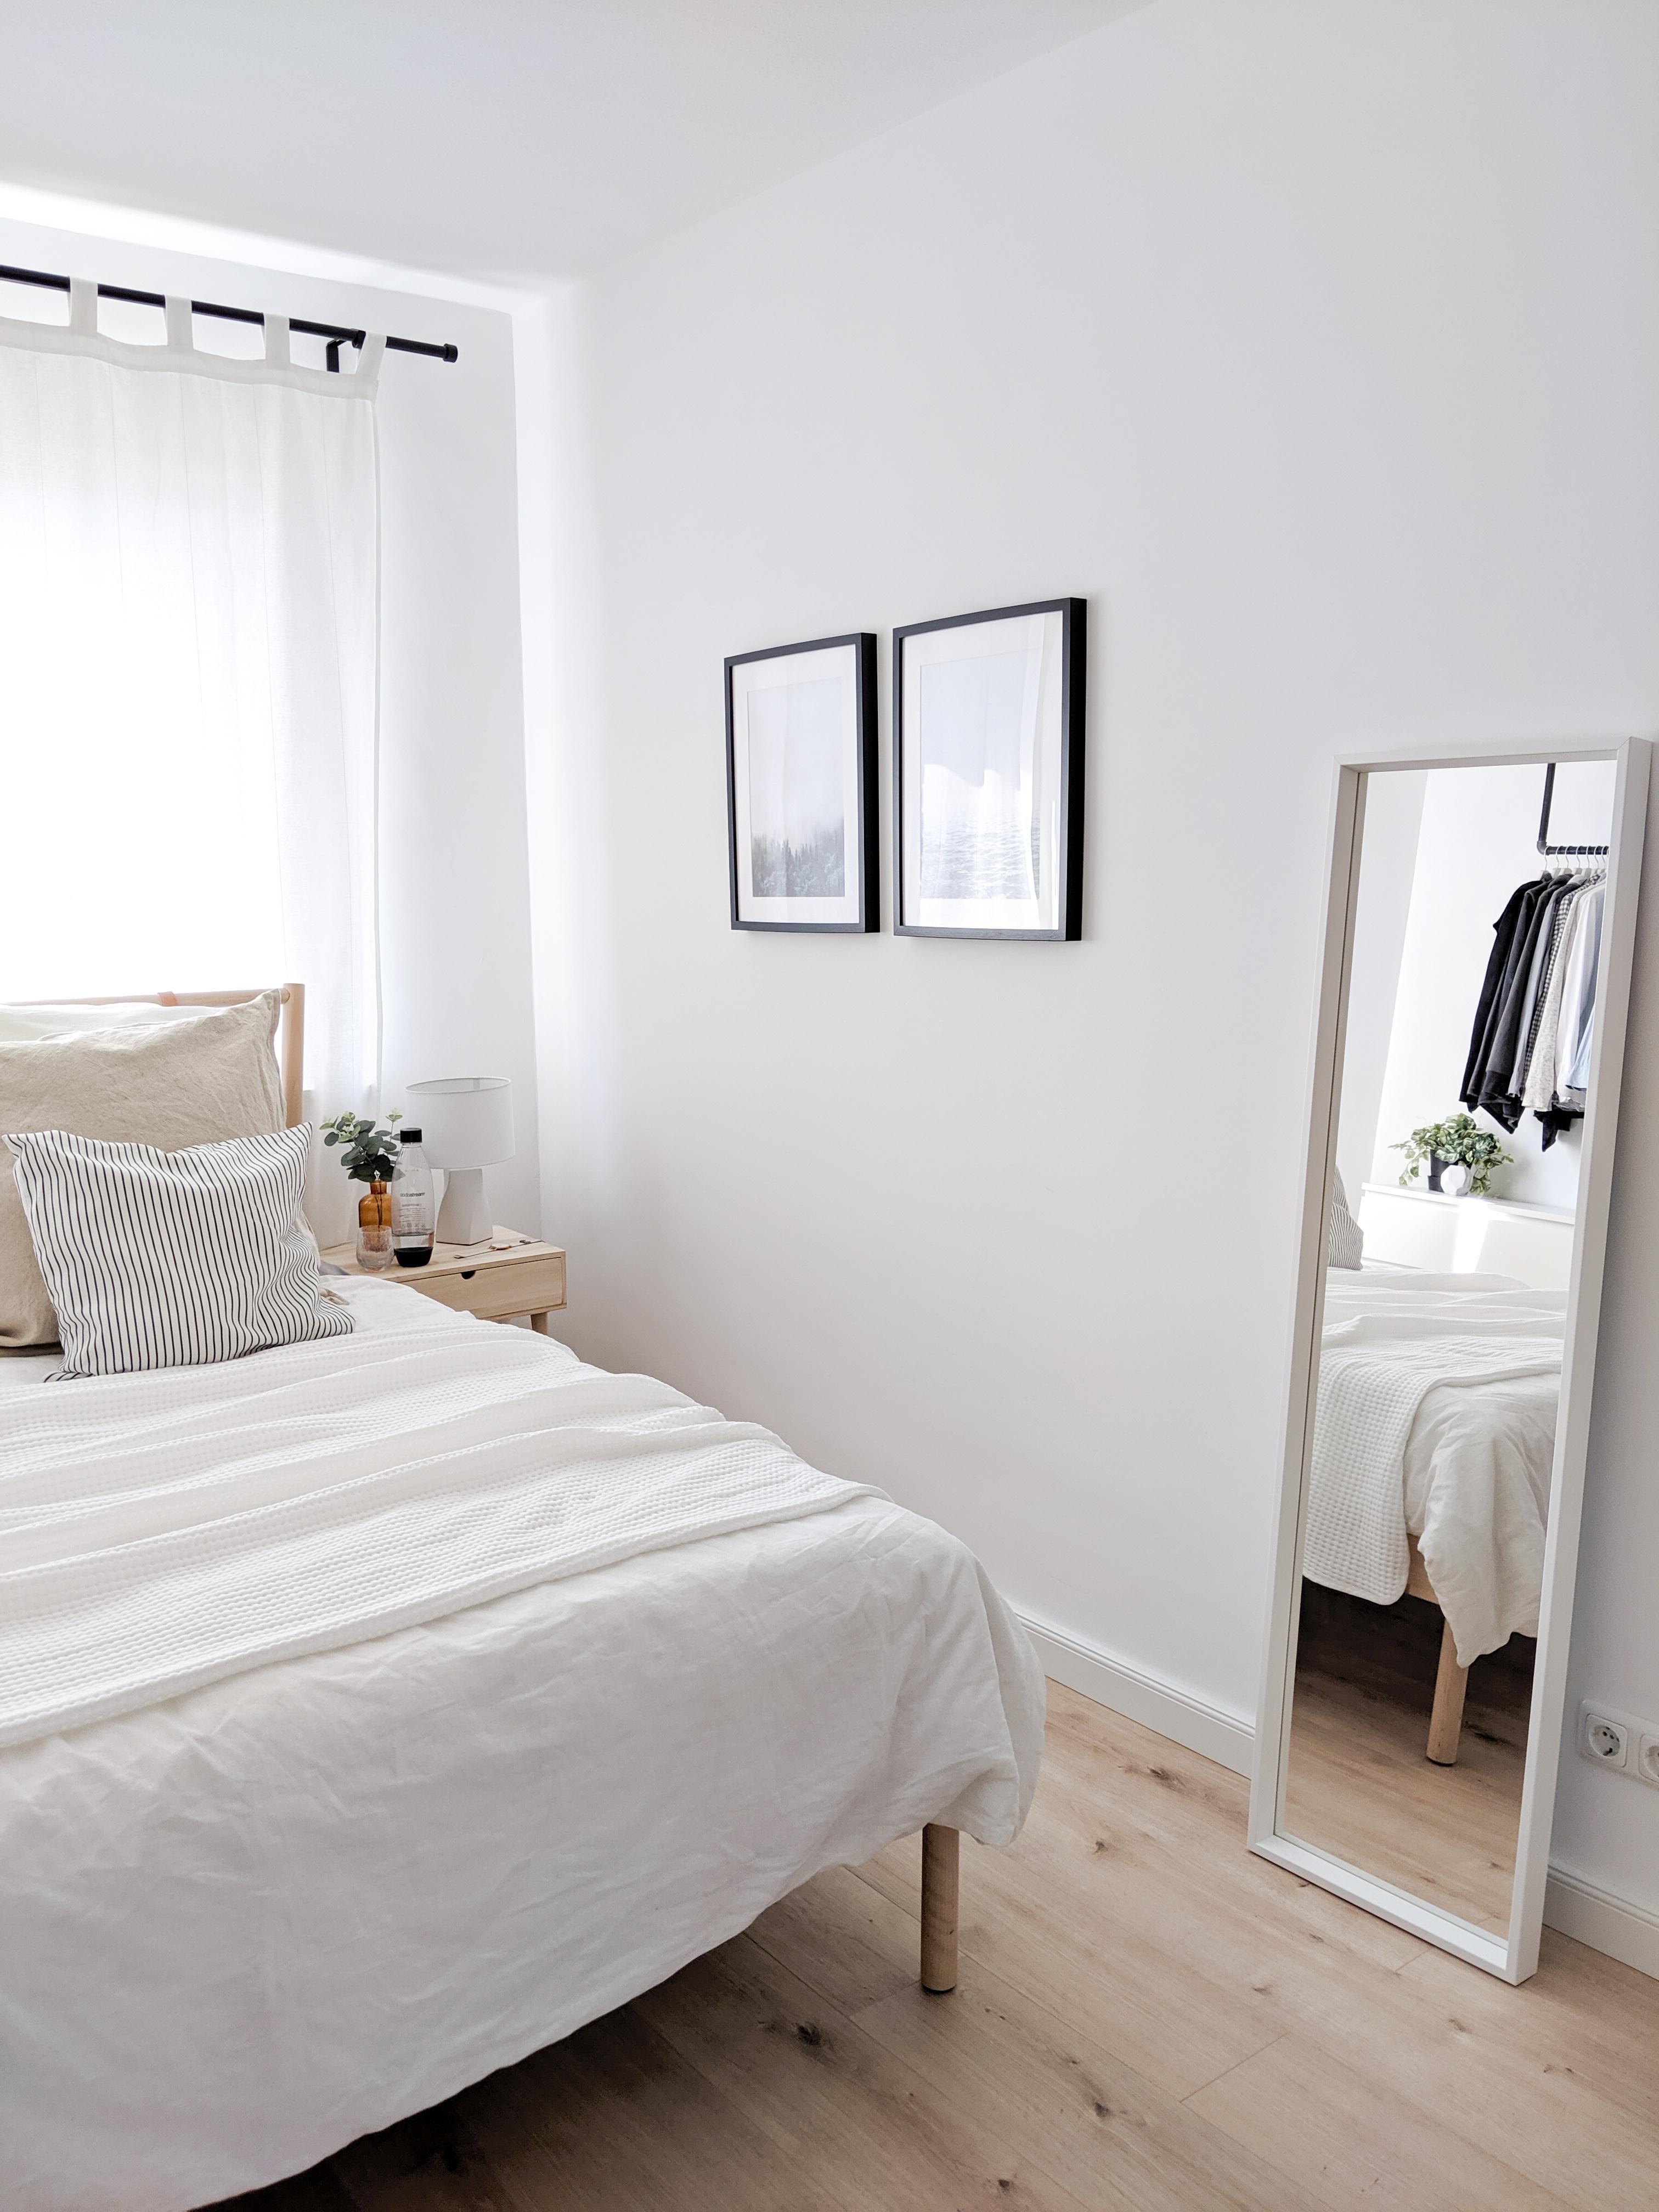 In der frisch sanierten Wohnung ❤️ #ikea #bett #Sch....